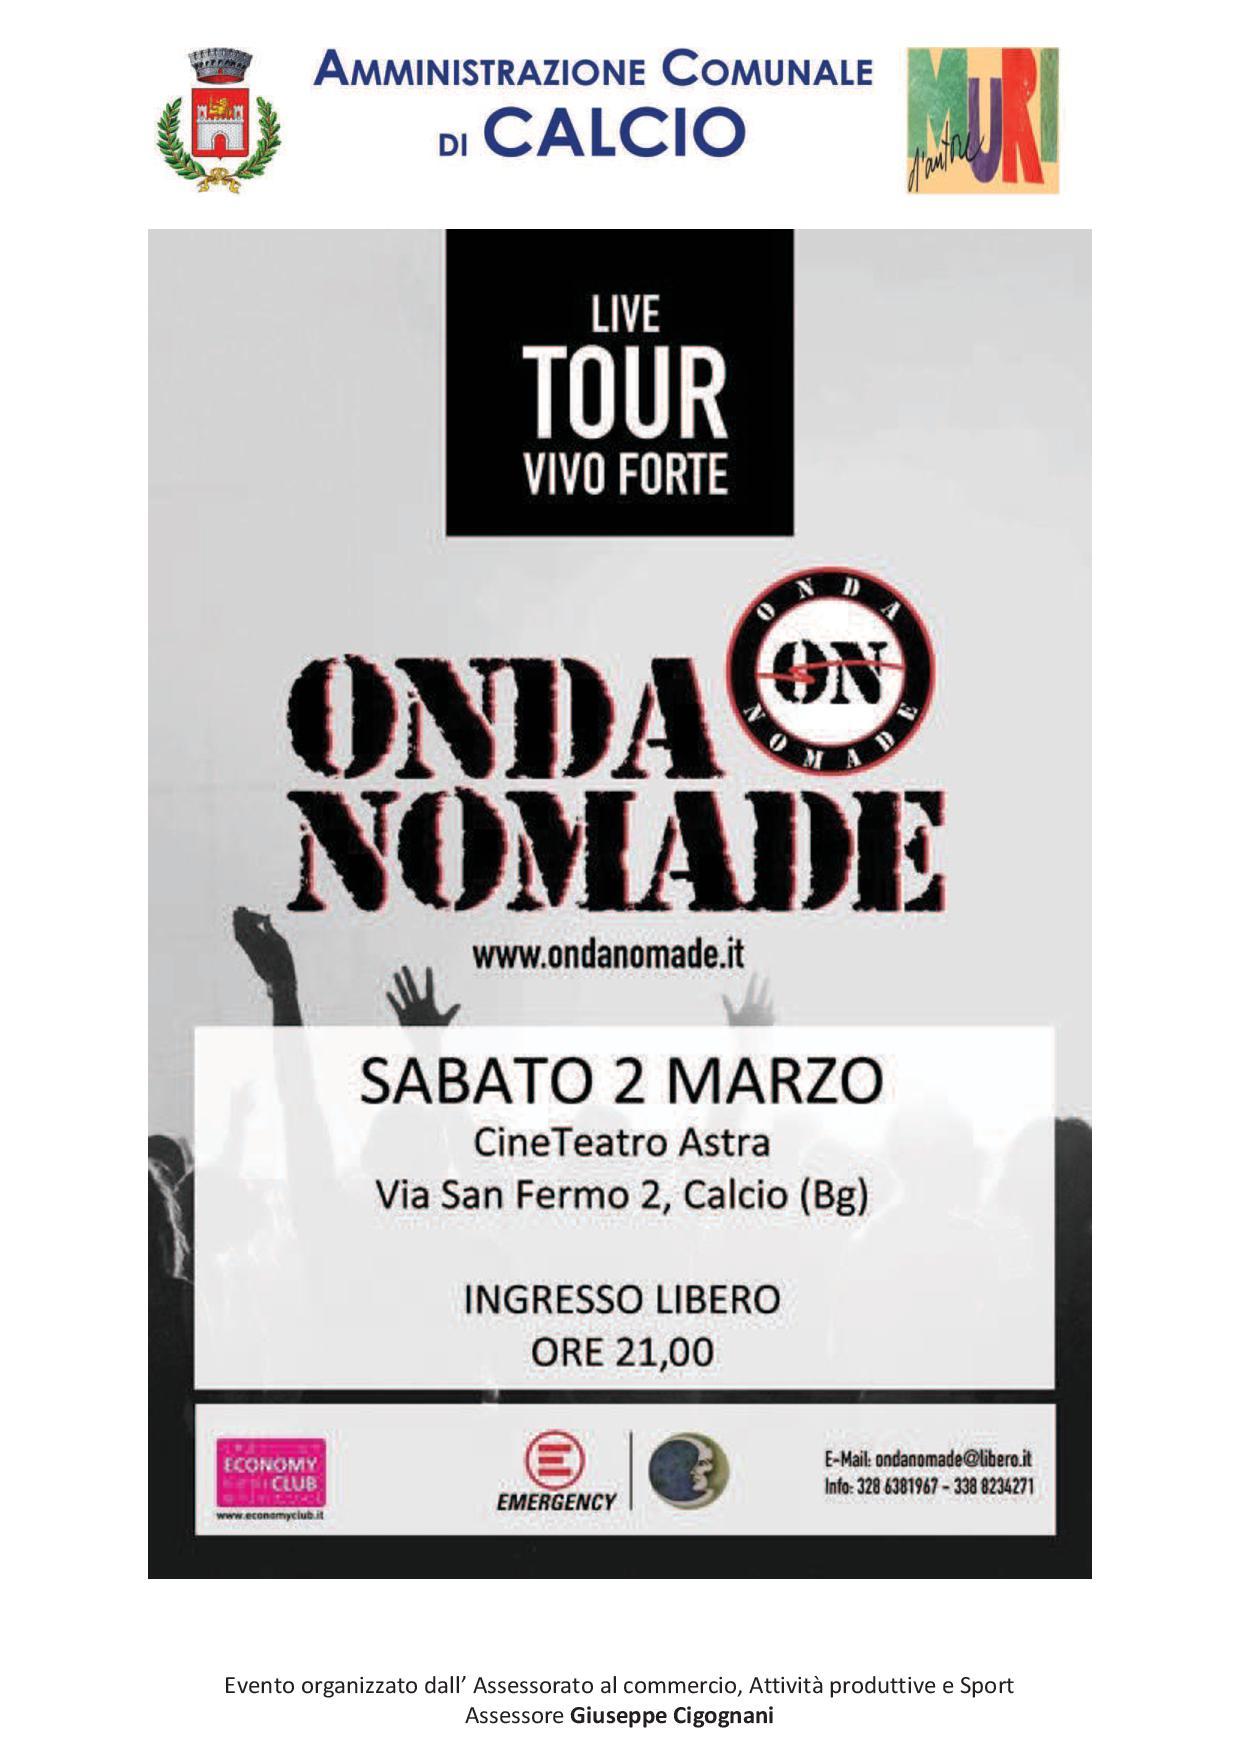 Calendario Concerti Nomadi.Calcio Onda Nomade Nomadi Tribute Band In Concerto